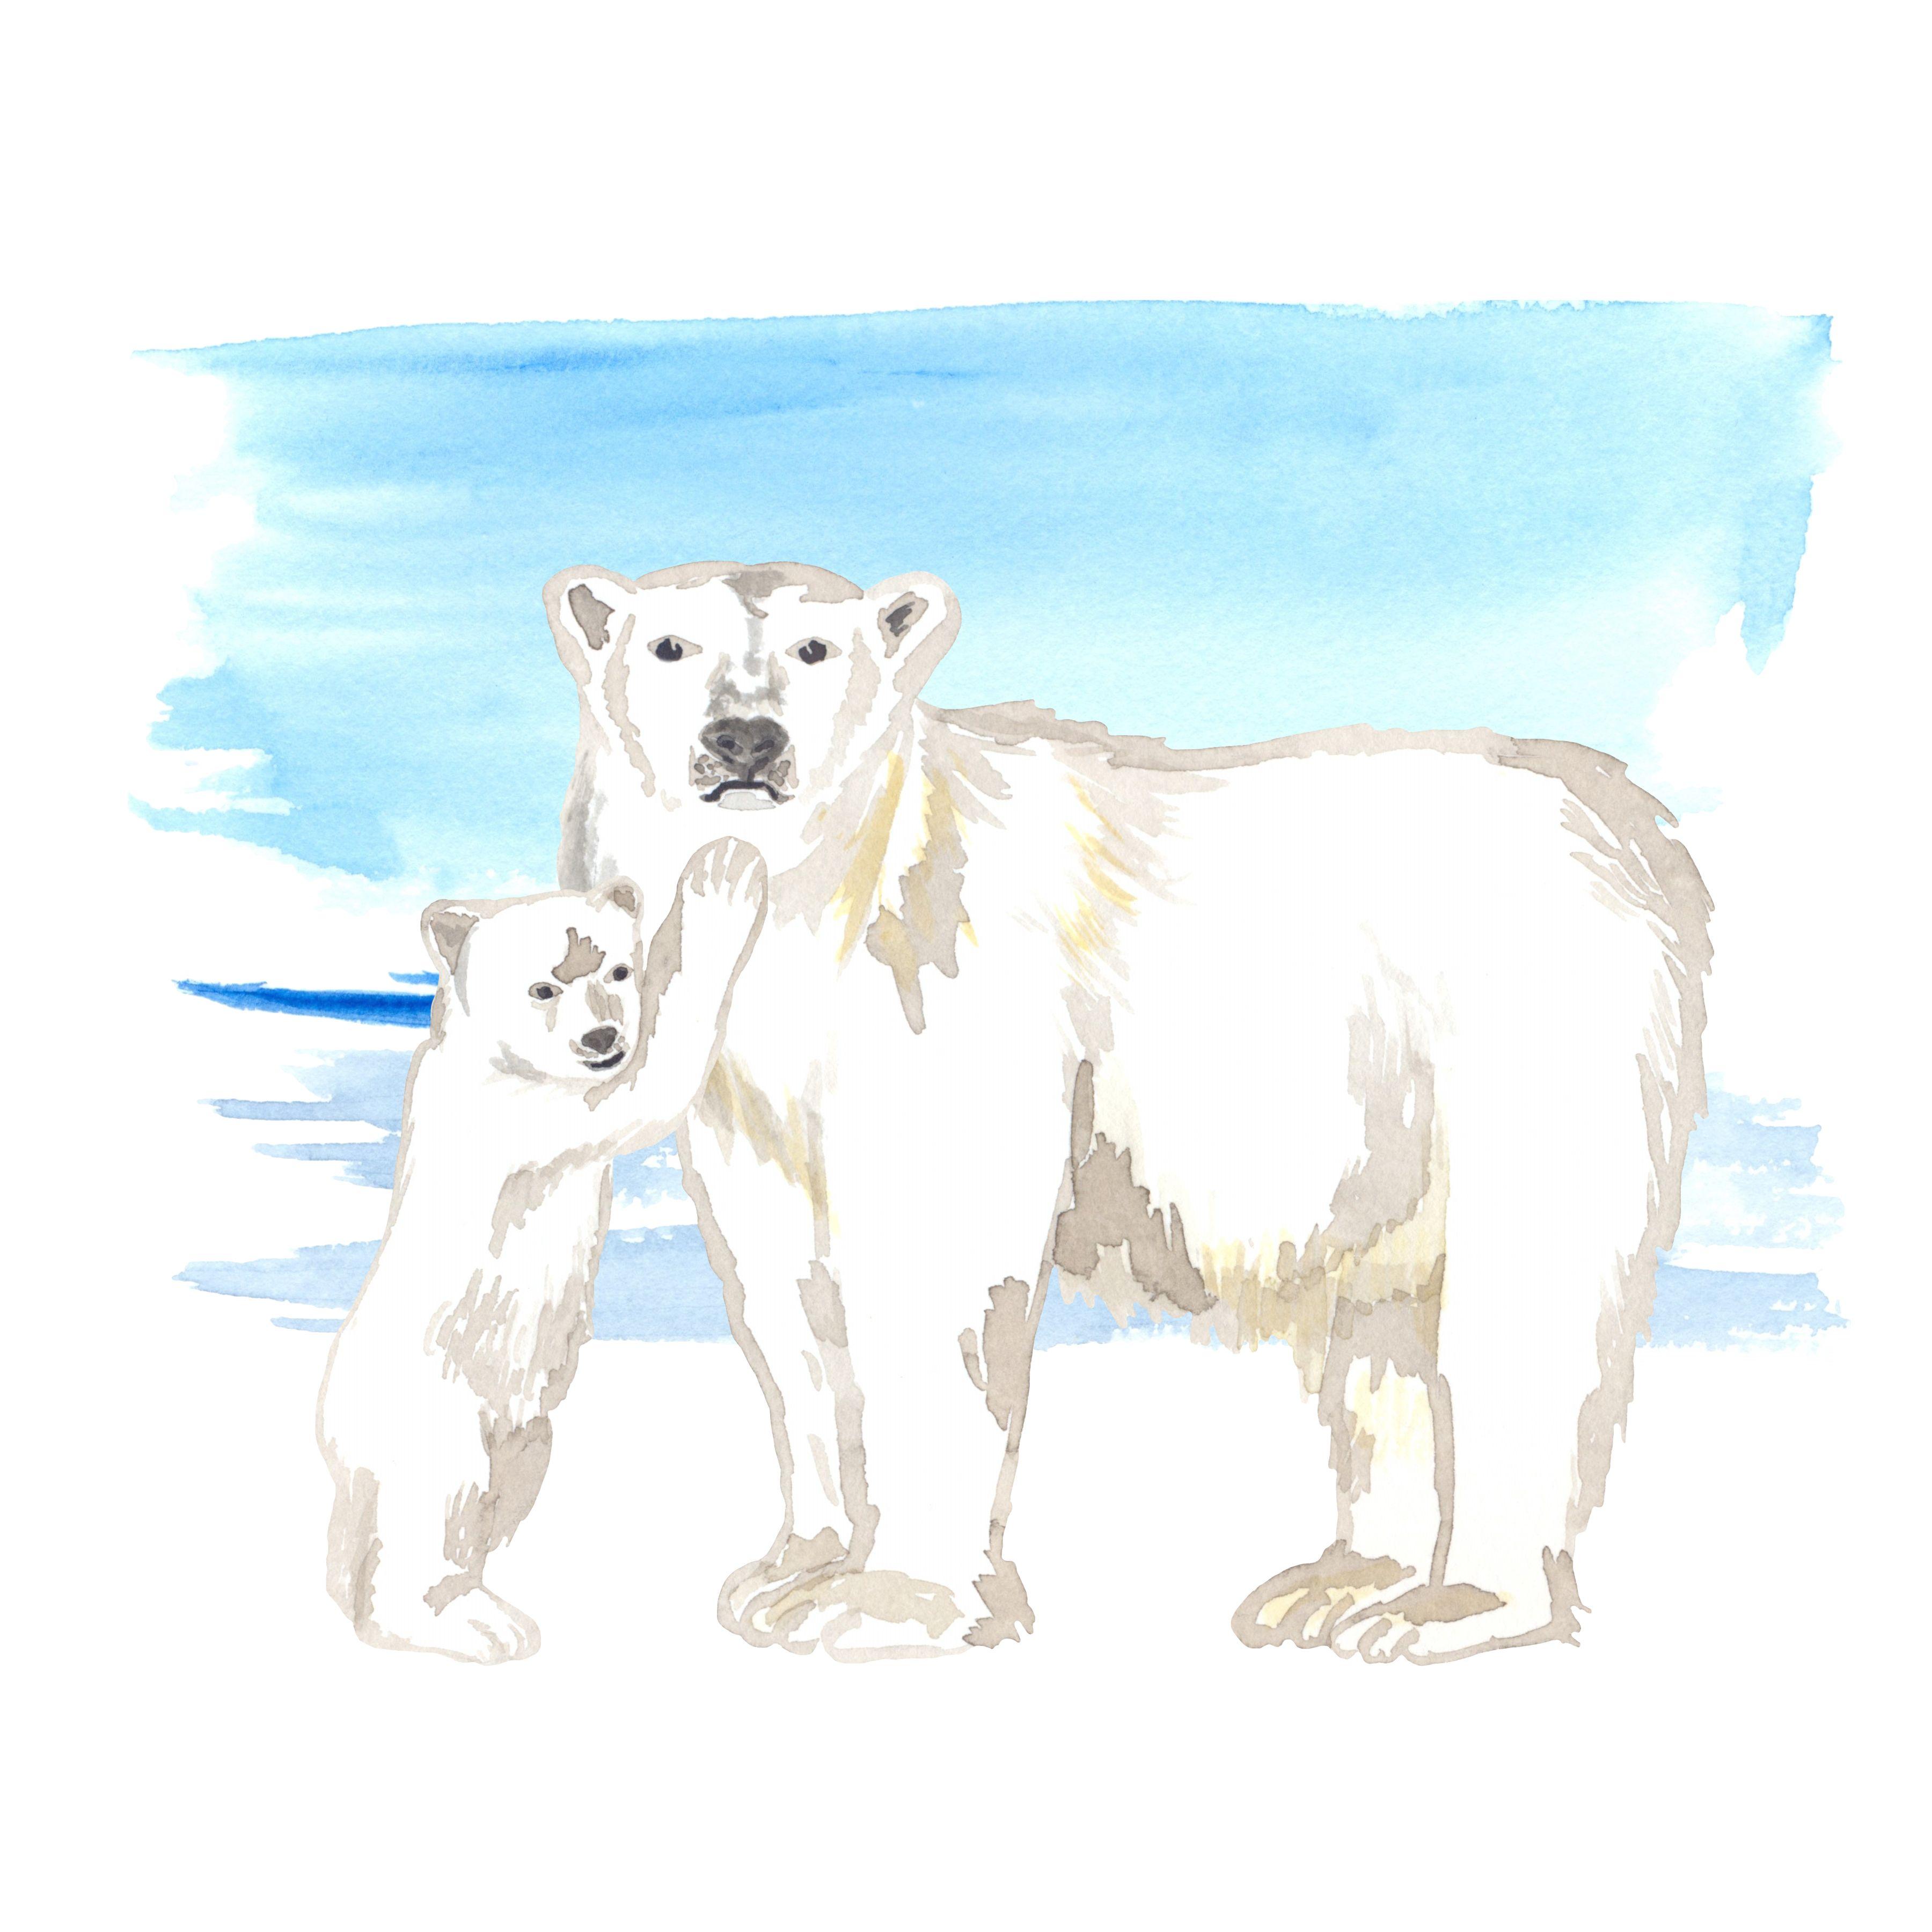 Polar Bears Watercolor Clipart Polar Bears Bear And Bear Cubs Clipart Snow Clipart Snowdrifts Watercolor Background Png In 2020 Bear Watercolor Watercolor Clipart Polar Bear